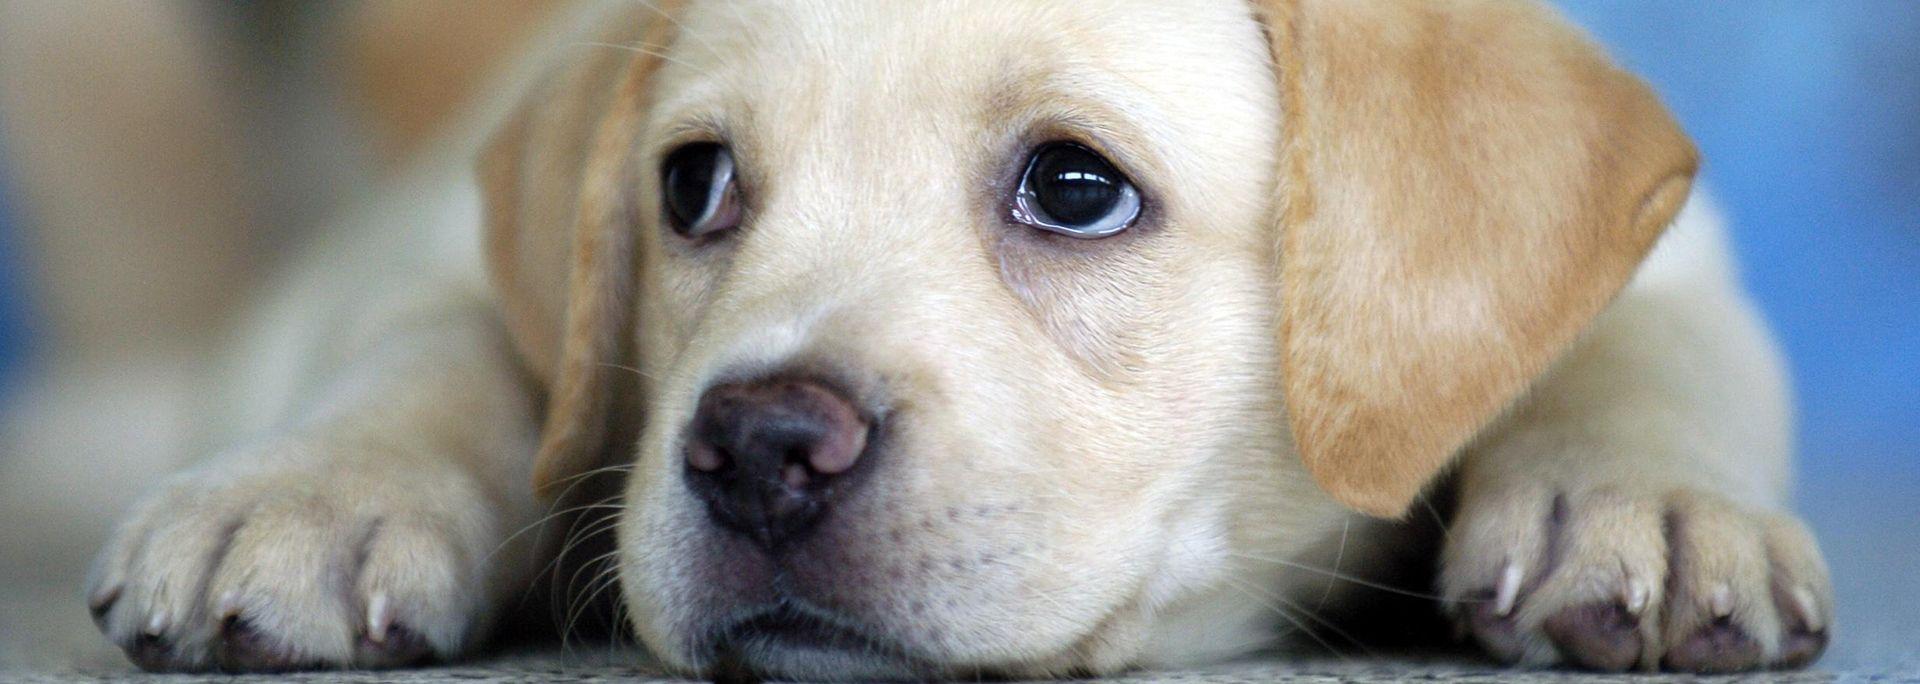 Peluquería Canina Peludos Fondo Labrador